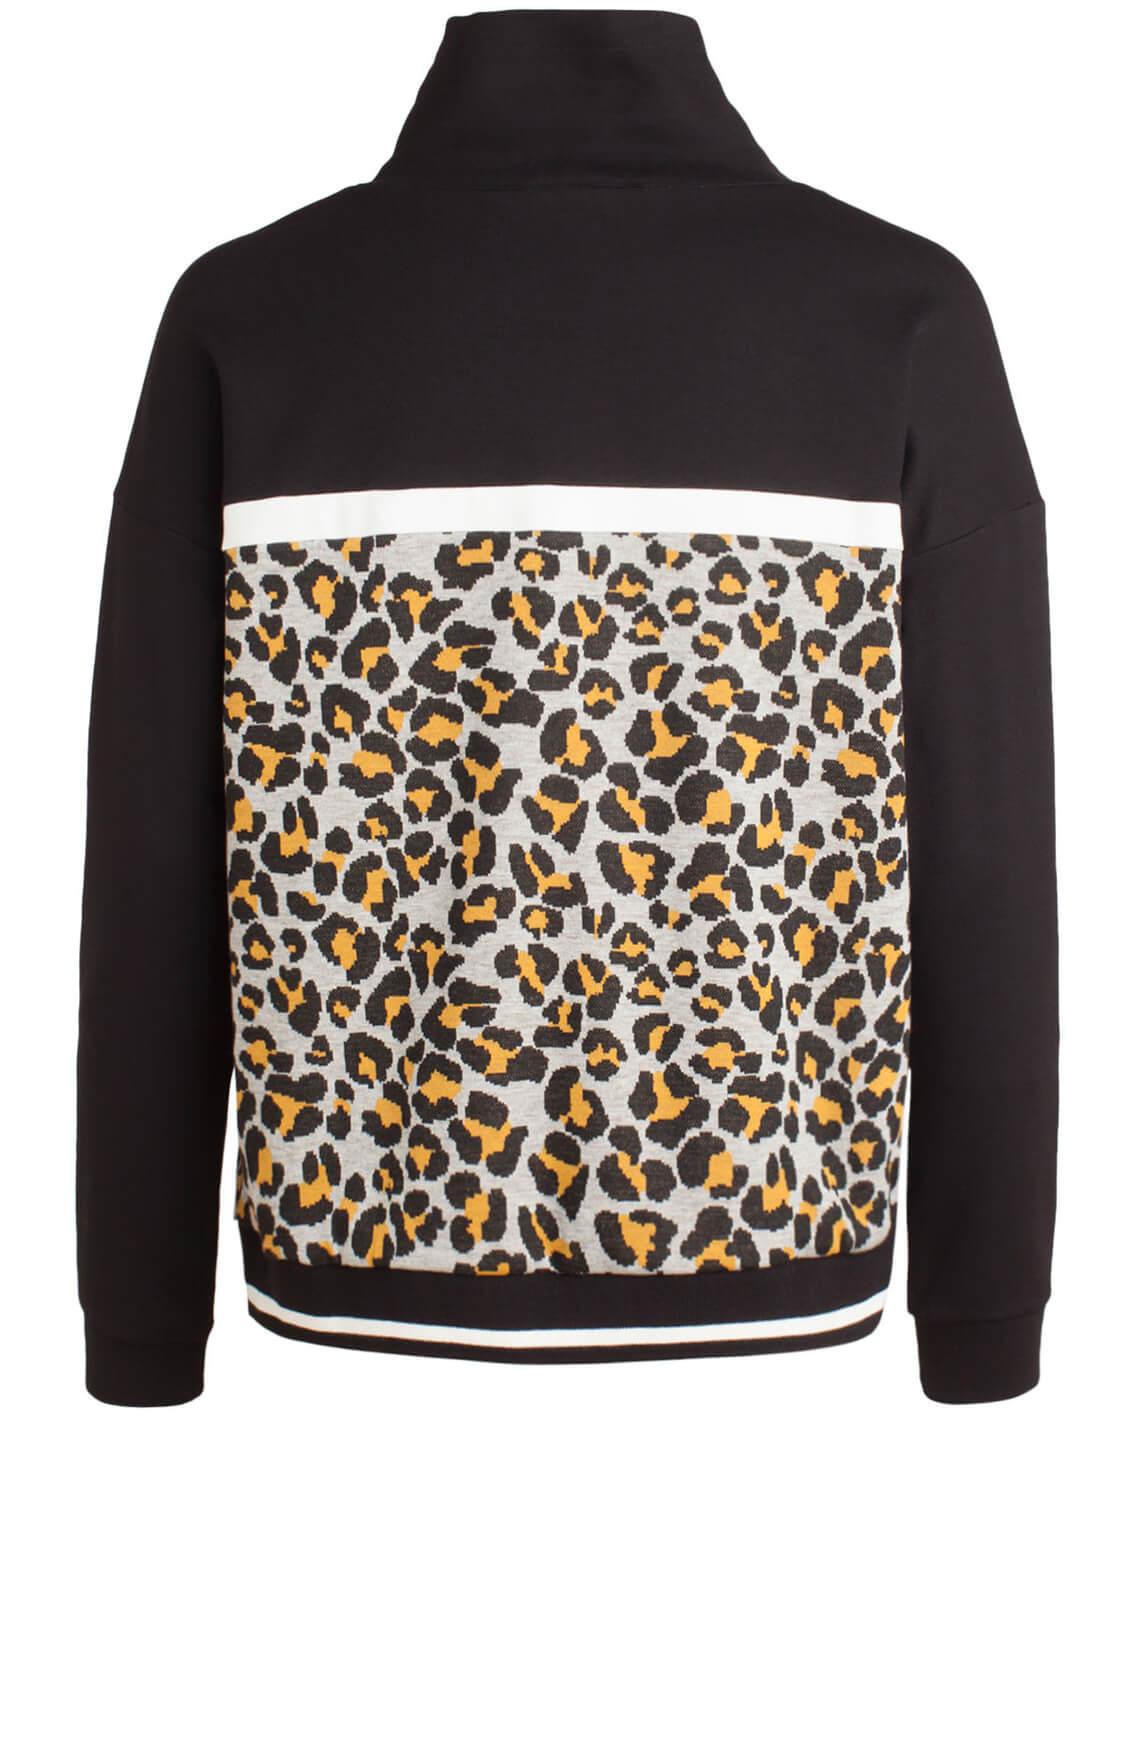 Anna Dames Sweater met panterprint zwart